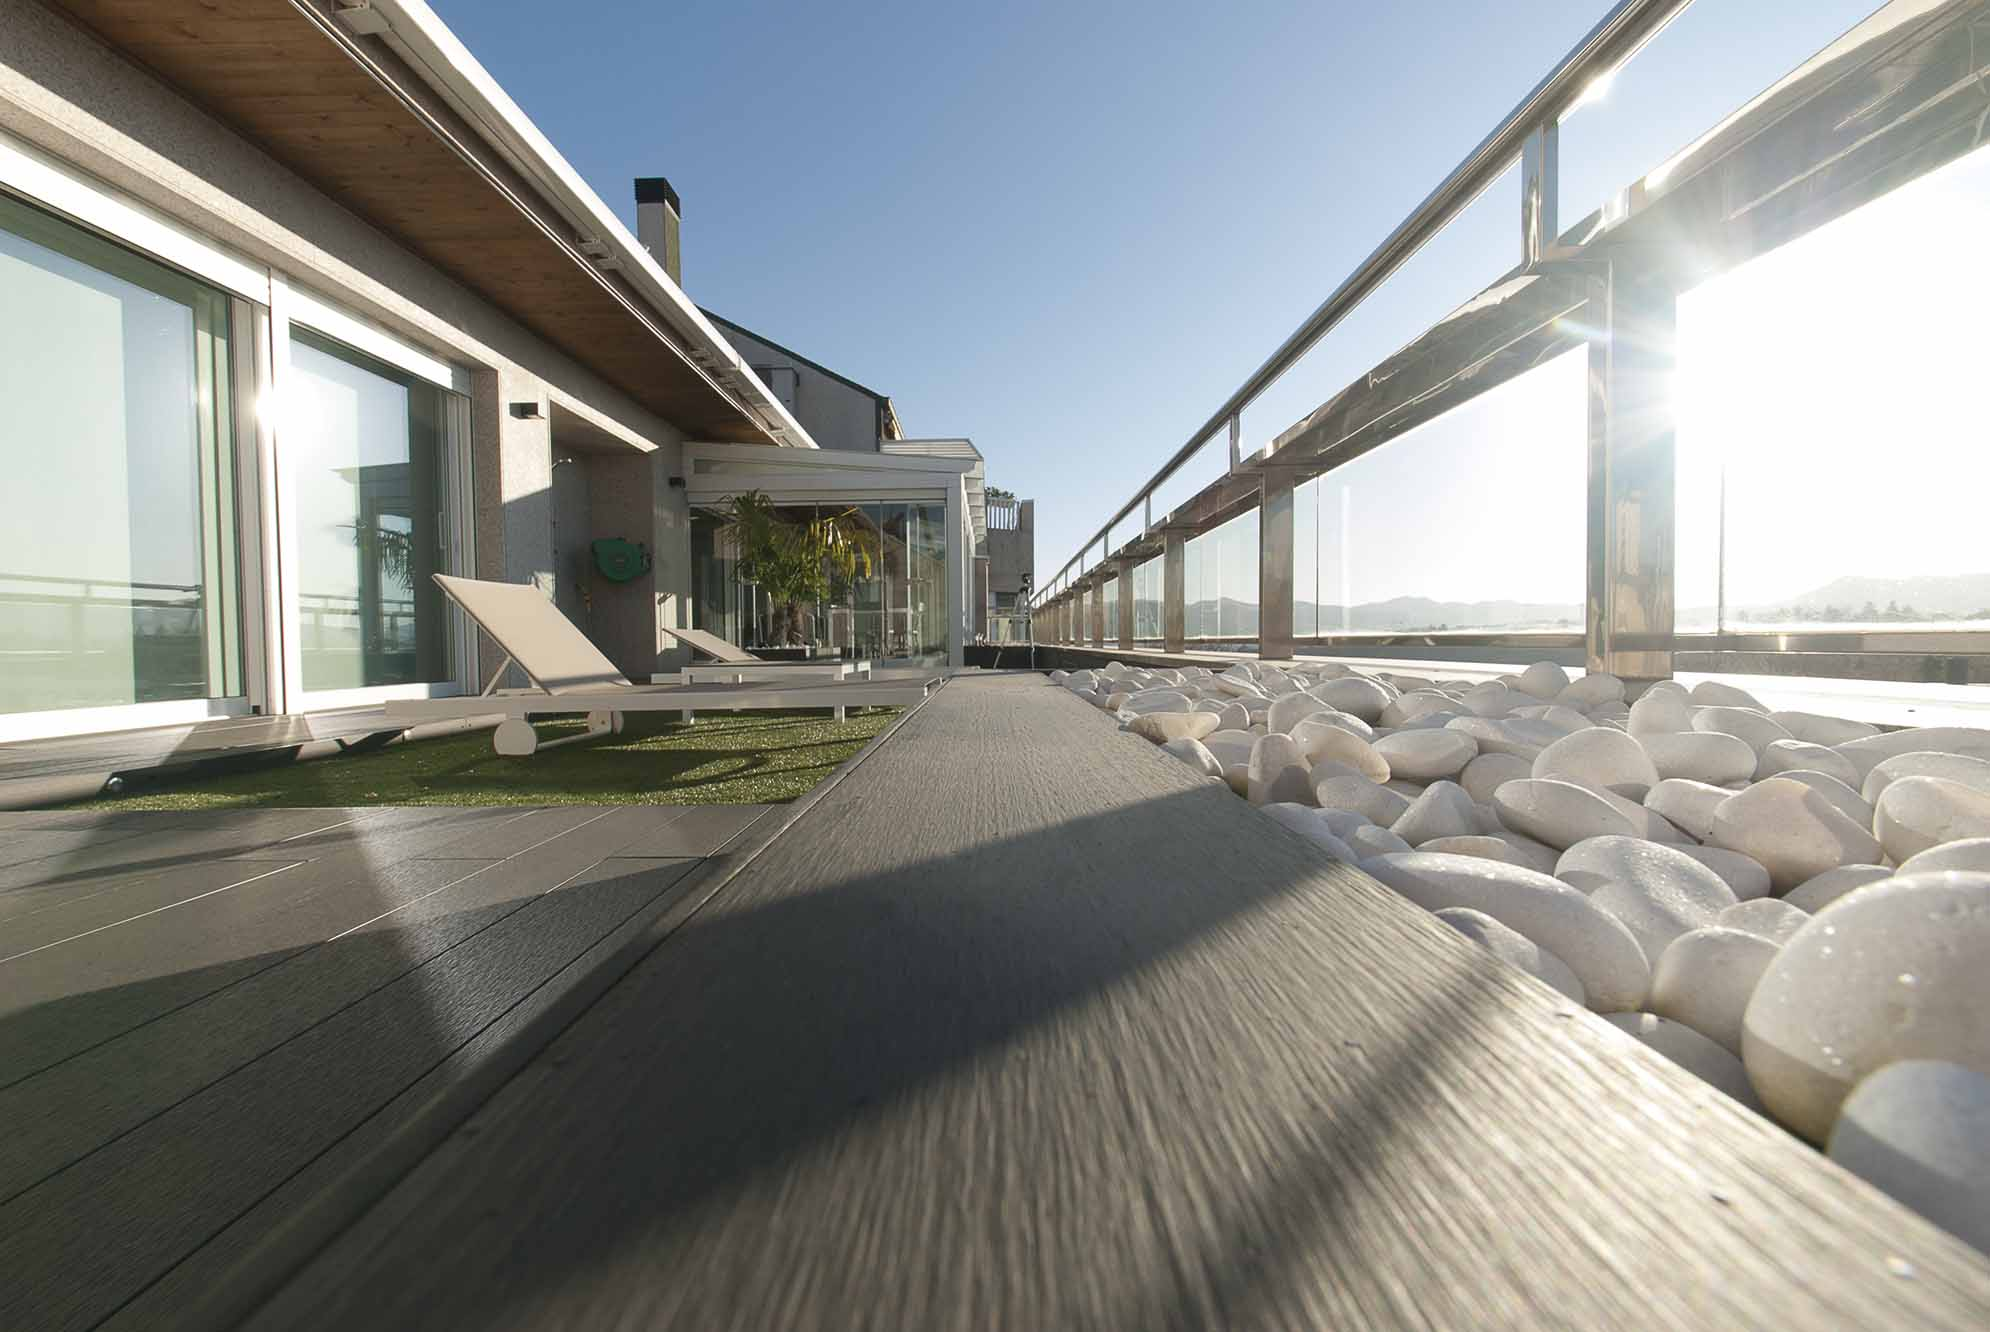 Porche de cristal y tarima de exteior en la terraza de un ático